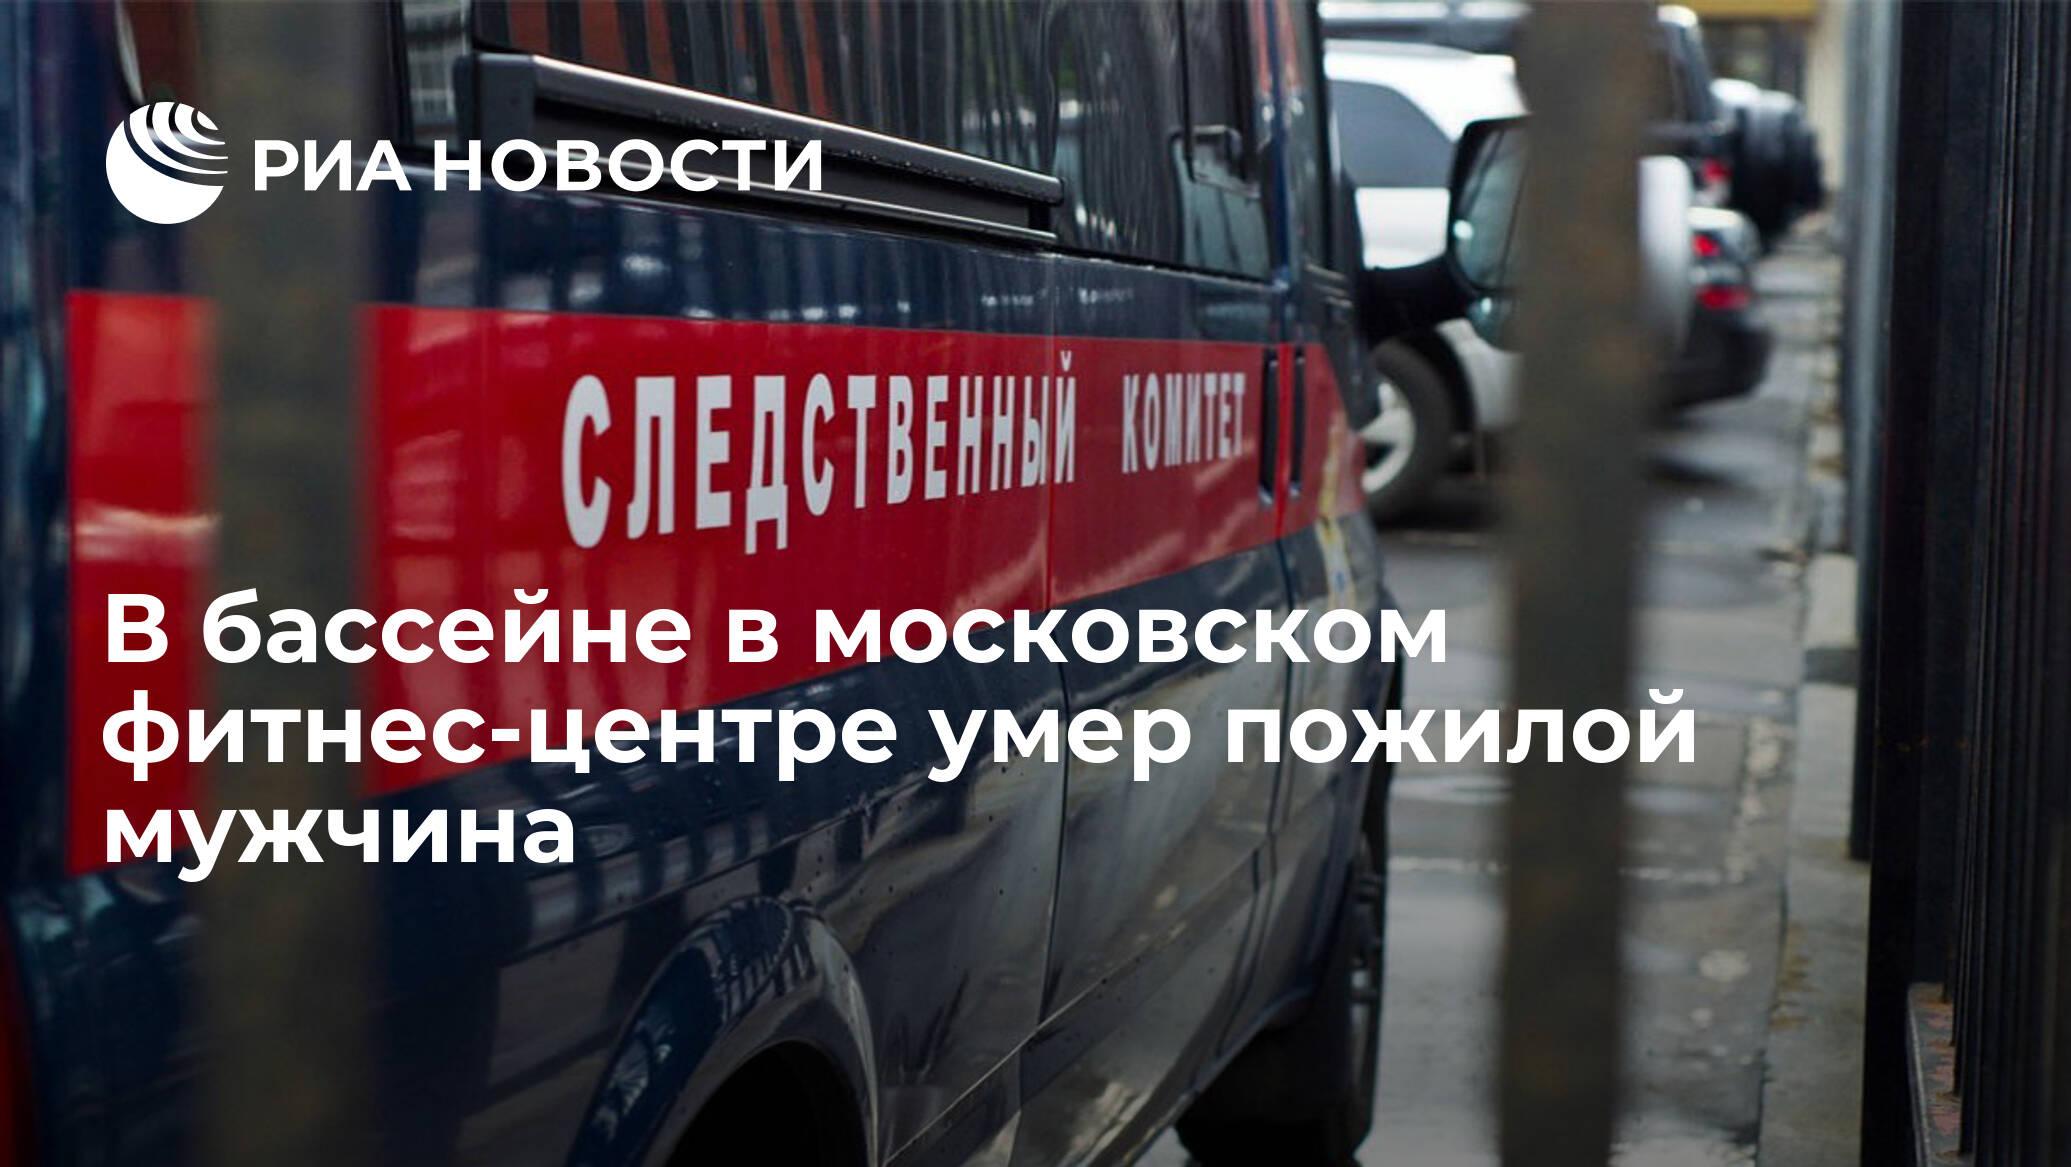 В бассейне в московском фитнес-центре умер пожилой мужчина